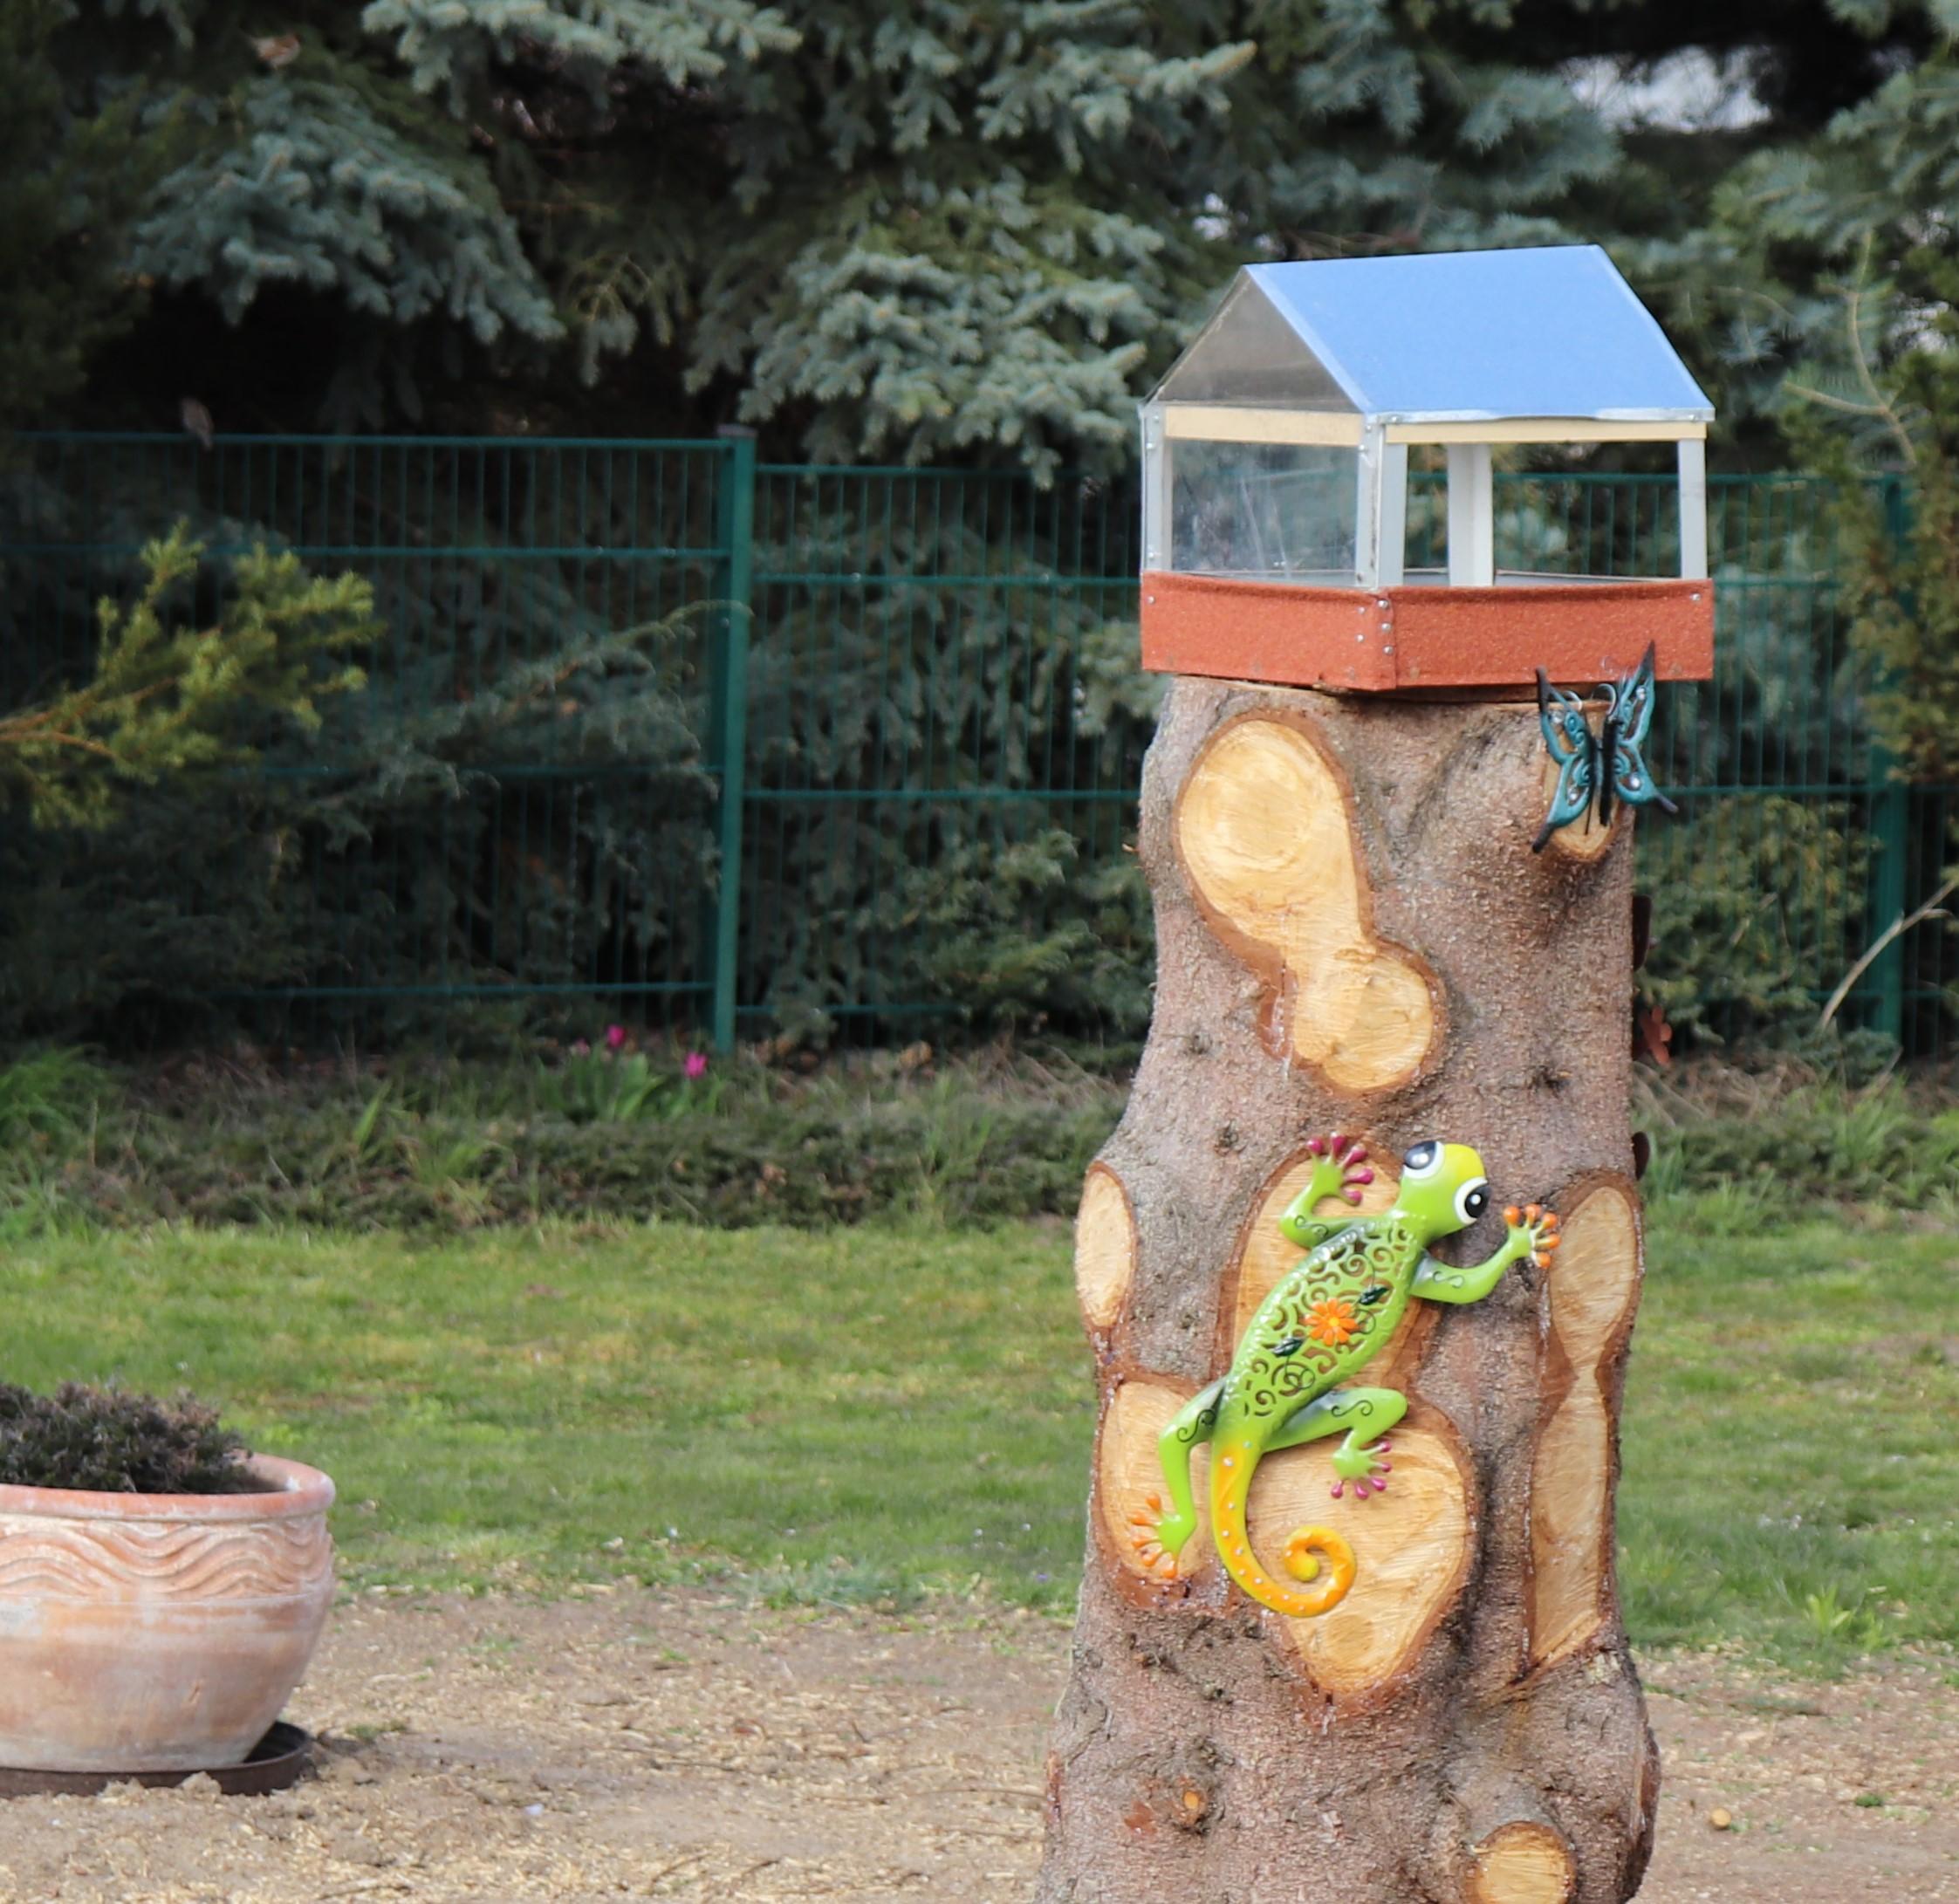 Vogelhäuschen auf Baumstamm mit Eidechse